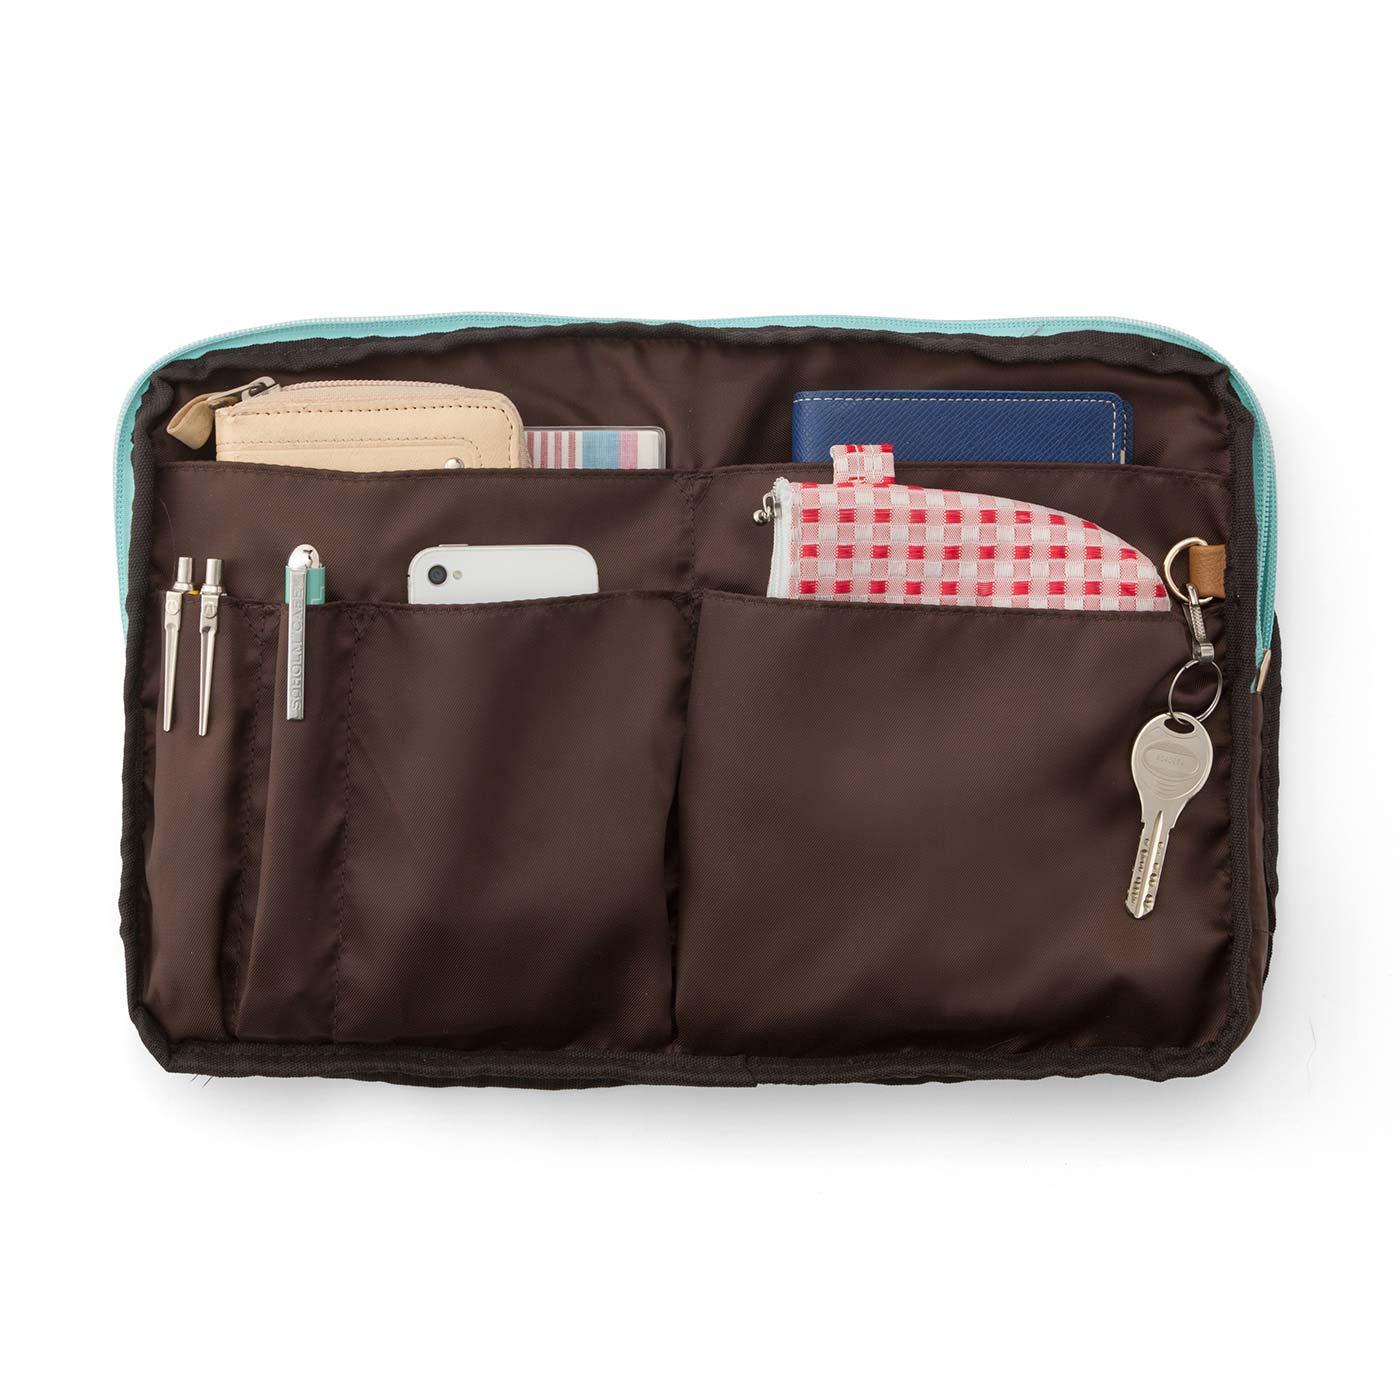 スマートフォン、お財布、手帳などのこまごまアイテムを縦に収納できるポケット。